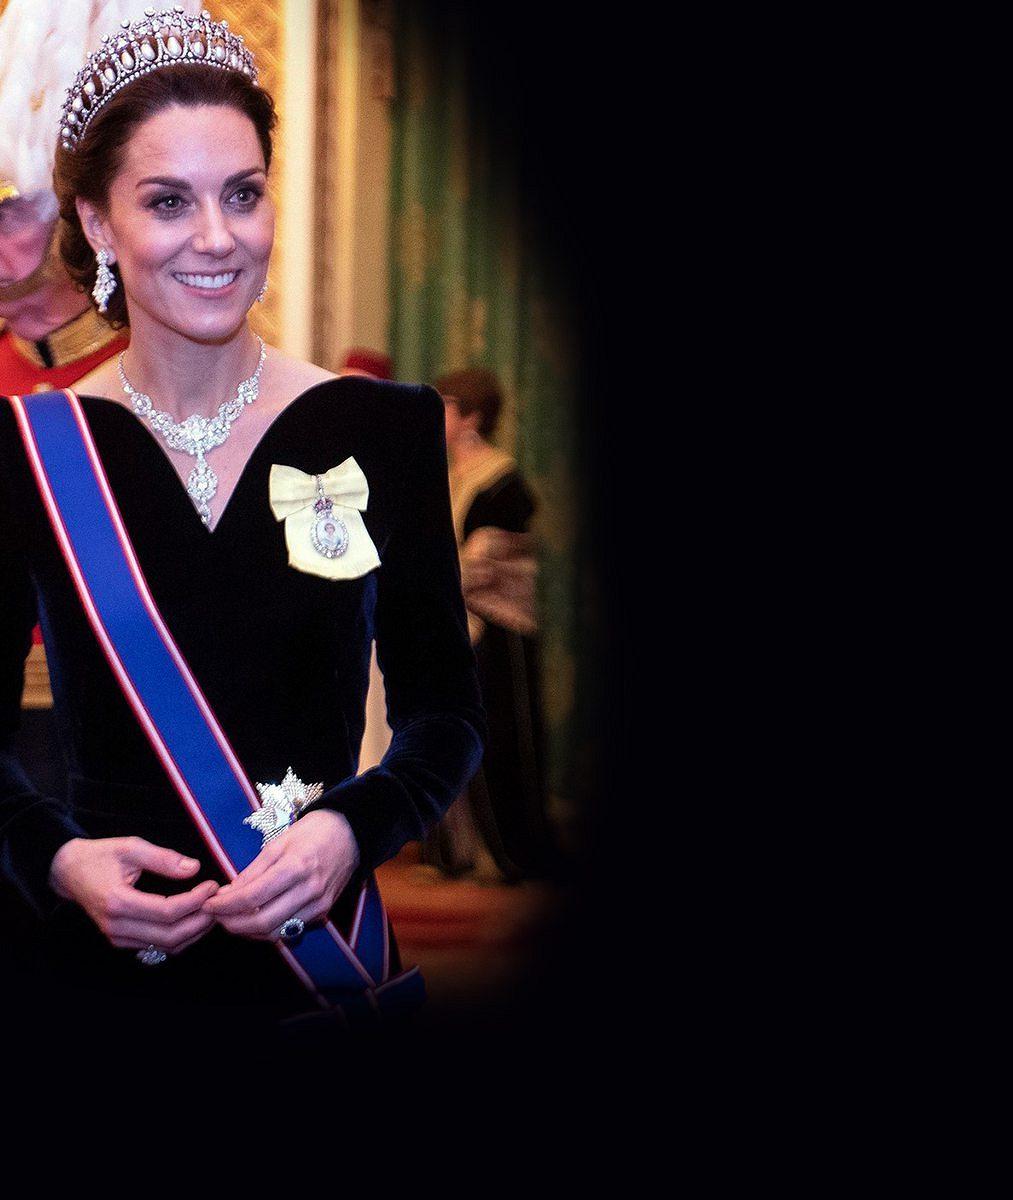 Dárek pro fanoušky rodiny prince Williama. Ituhle roztomilost má na svědomí Kate